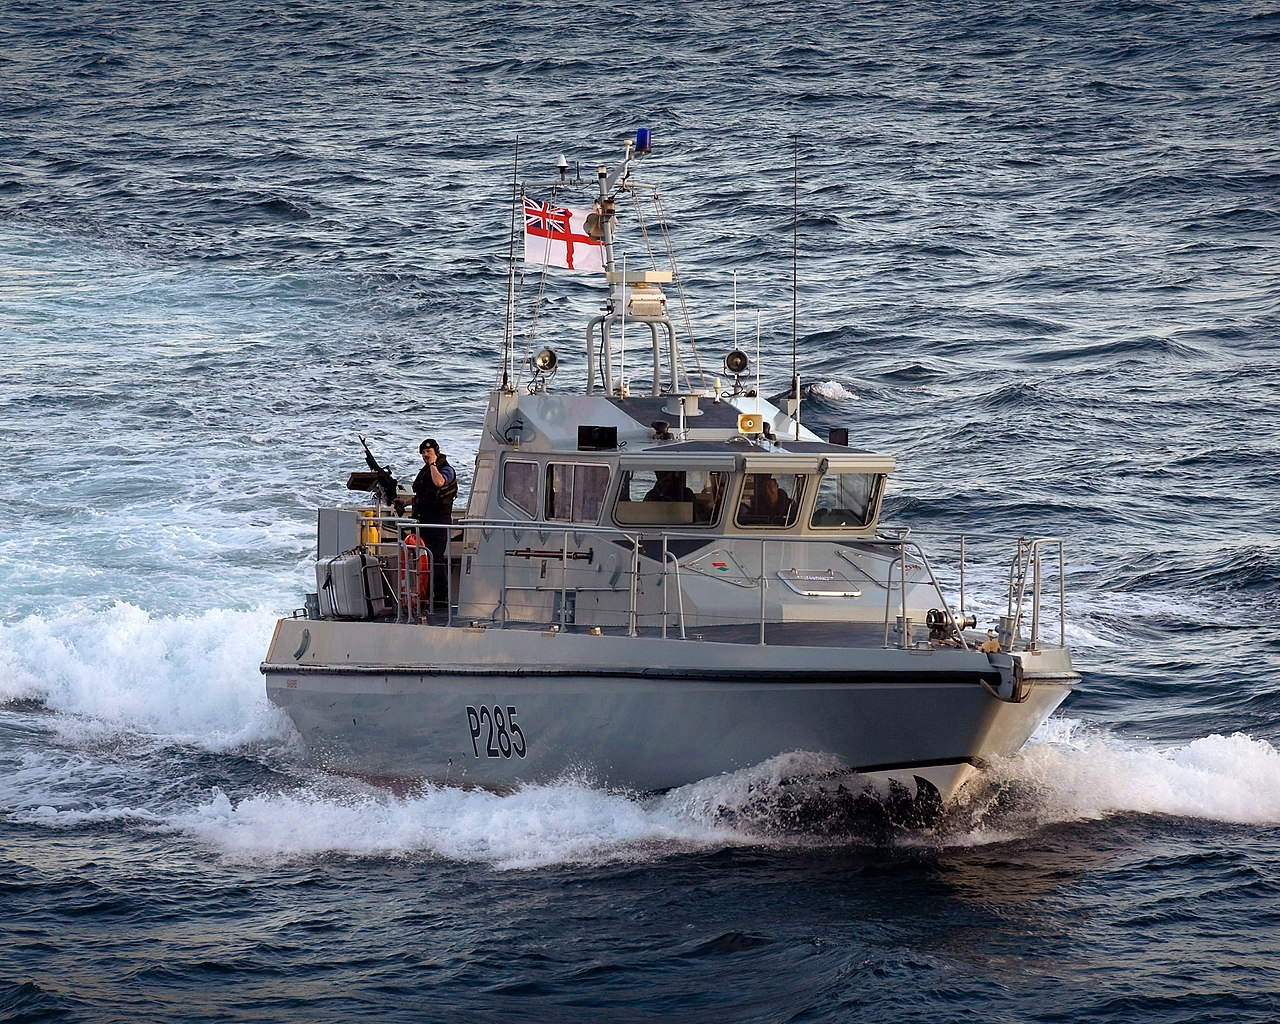 Scimitar Class Fast Patrol Vessels (RN) - UK Defence Forum